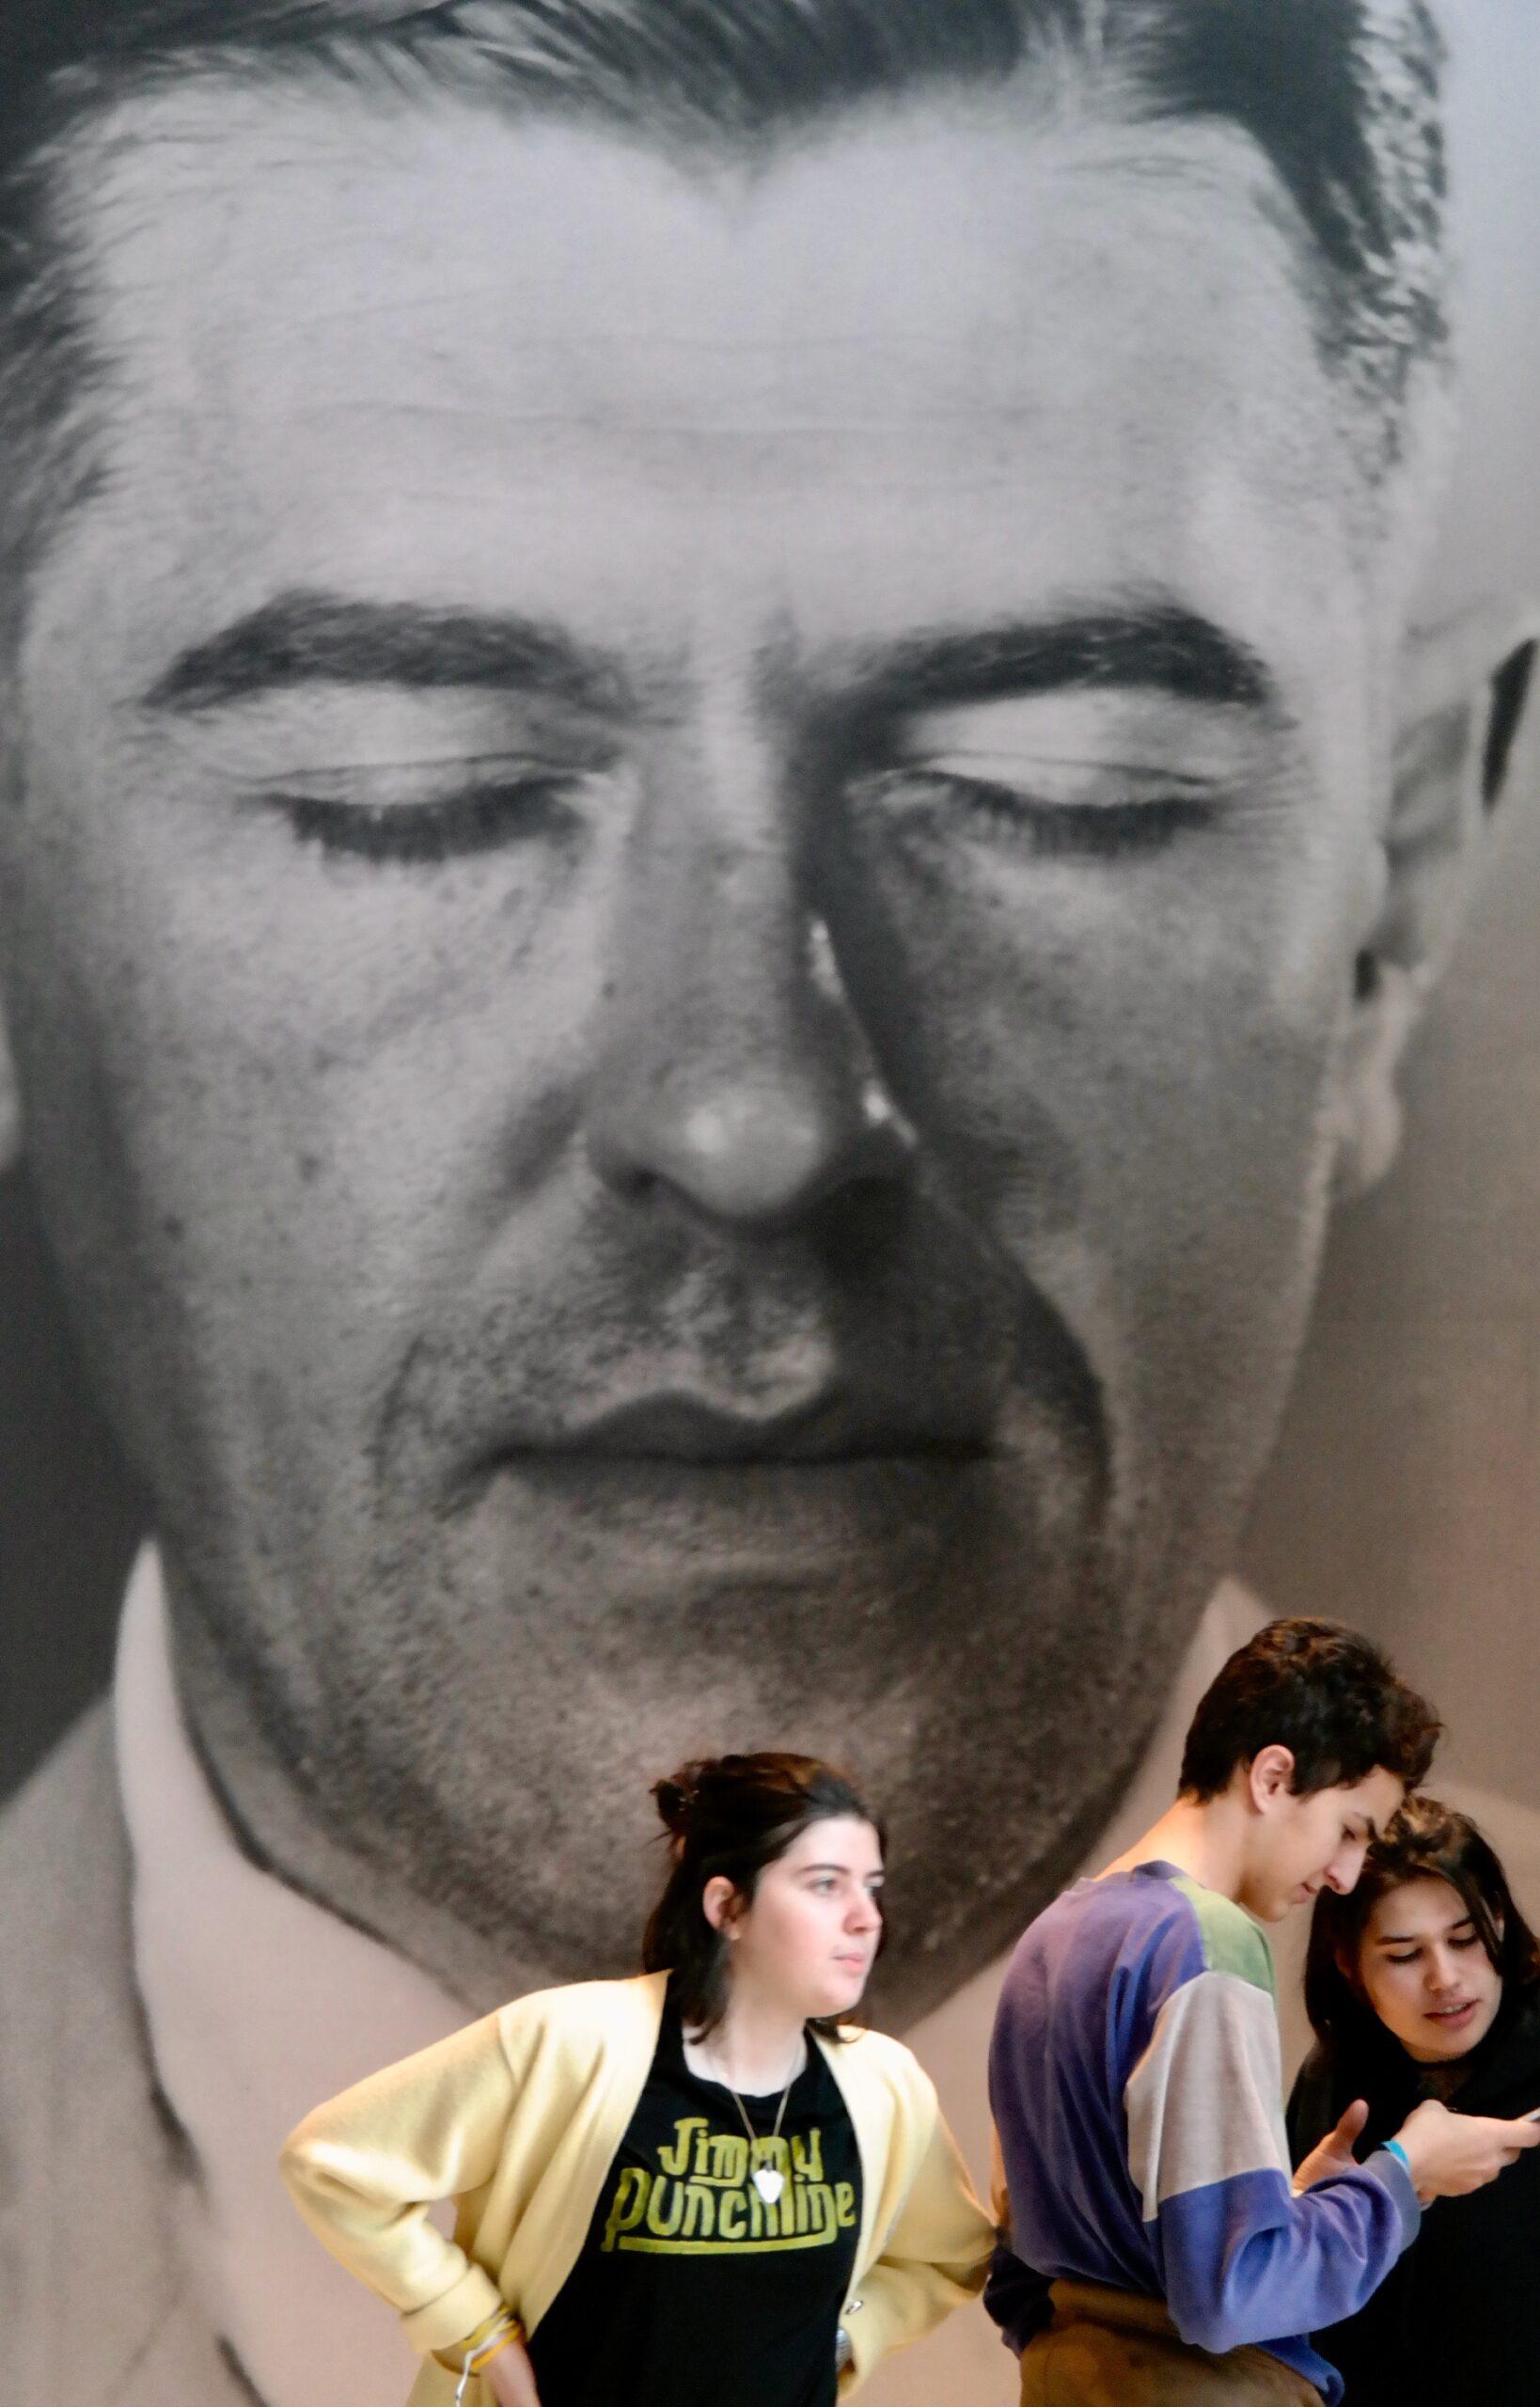 na imagem vê-se uma cena de museu, três jovens a olhar para um telemóvel e no fundo uma imagem a preto e branco de um homem de olhos fechados